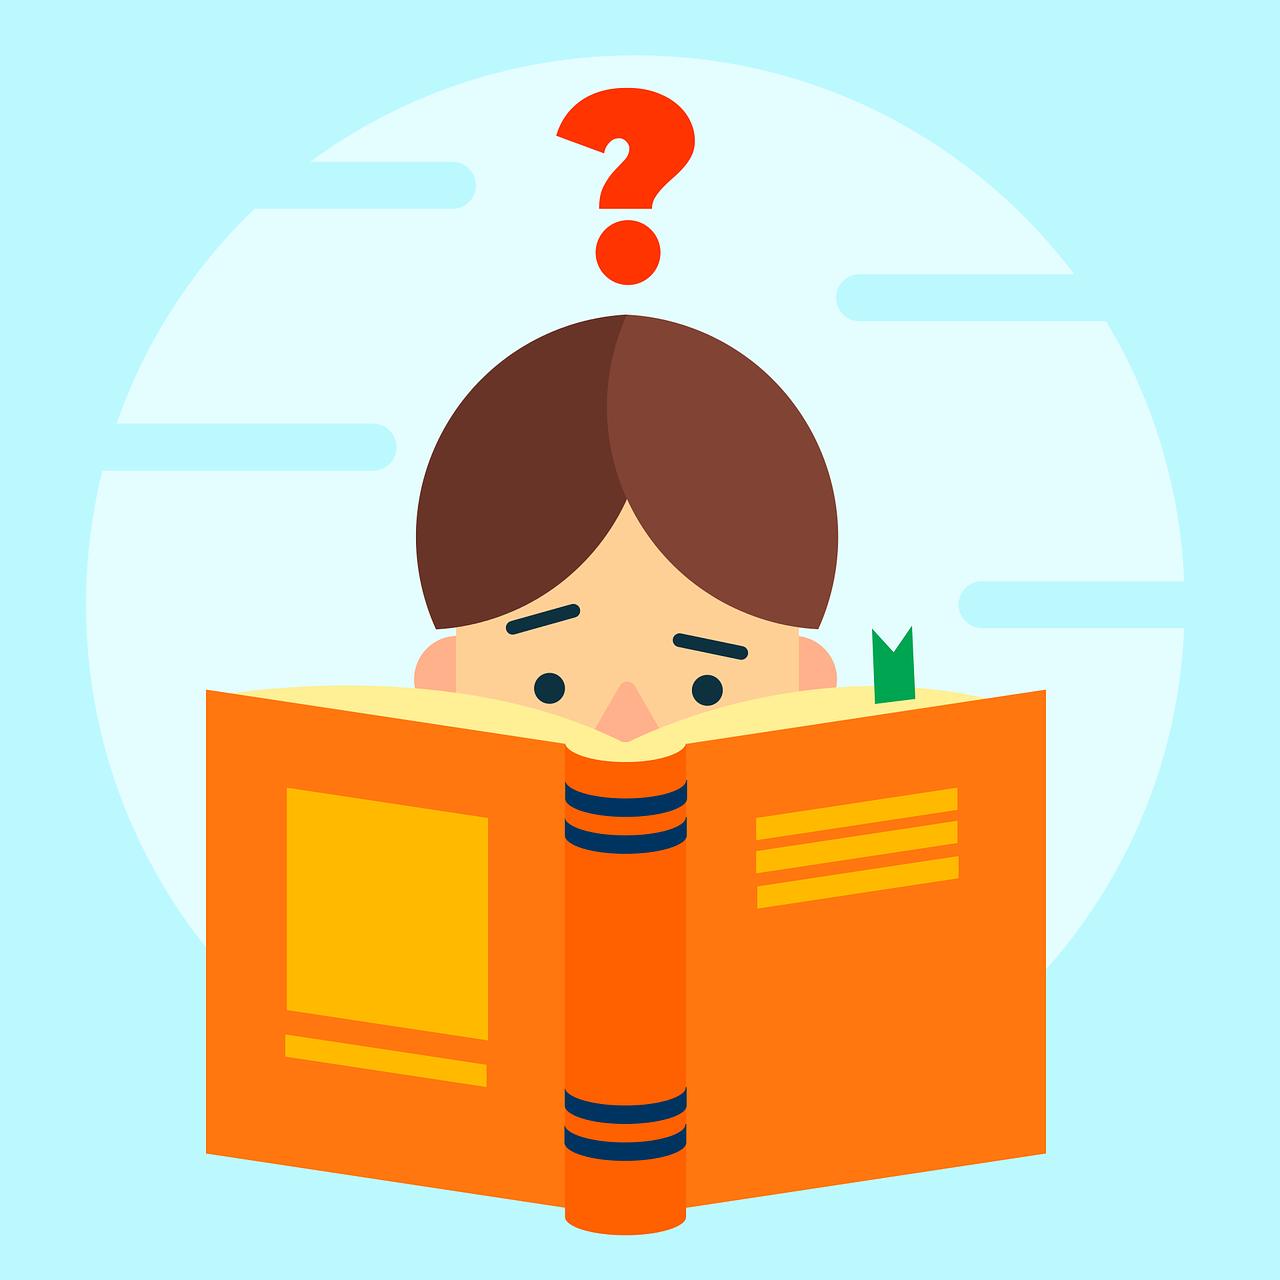 чтение развивает